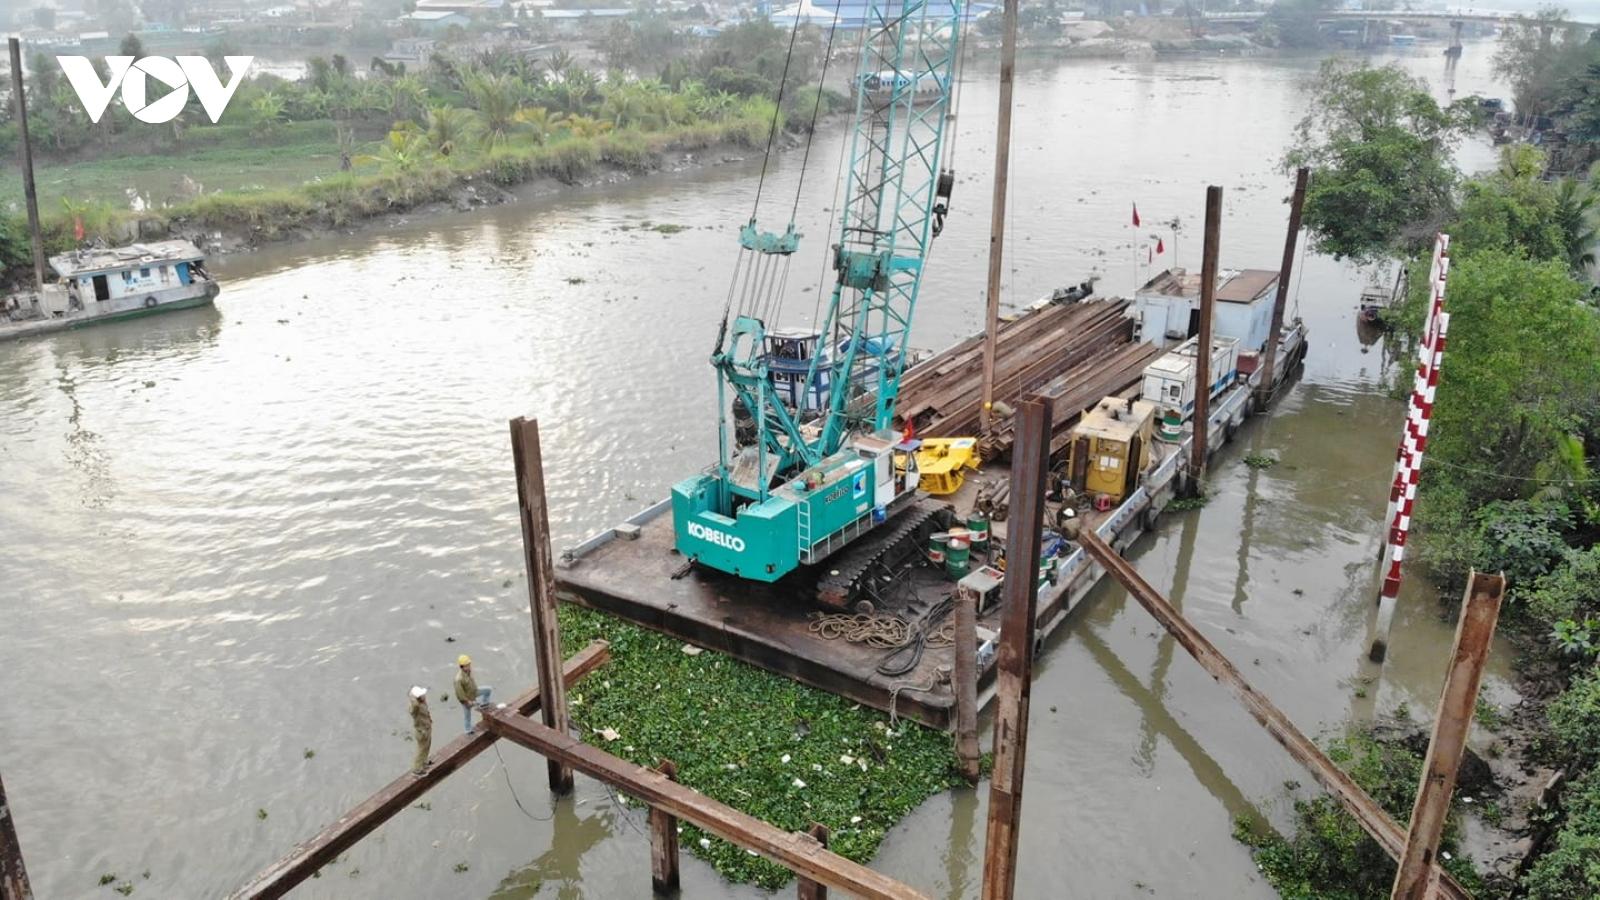 Tiền Giang khẩn trương thi công đập thép ngăn nước mặn để cung cấp nước ngọt